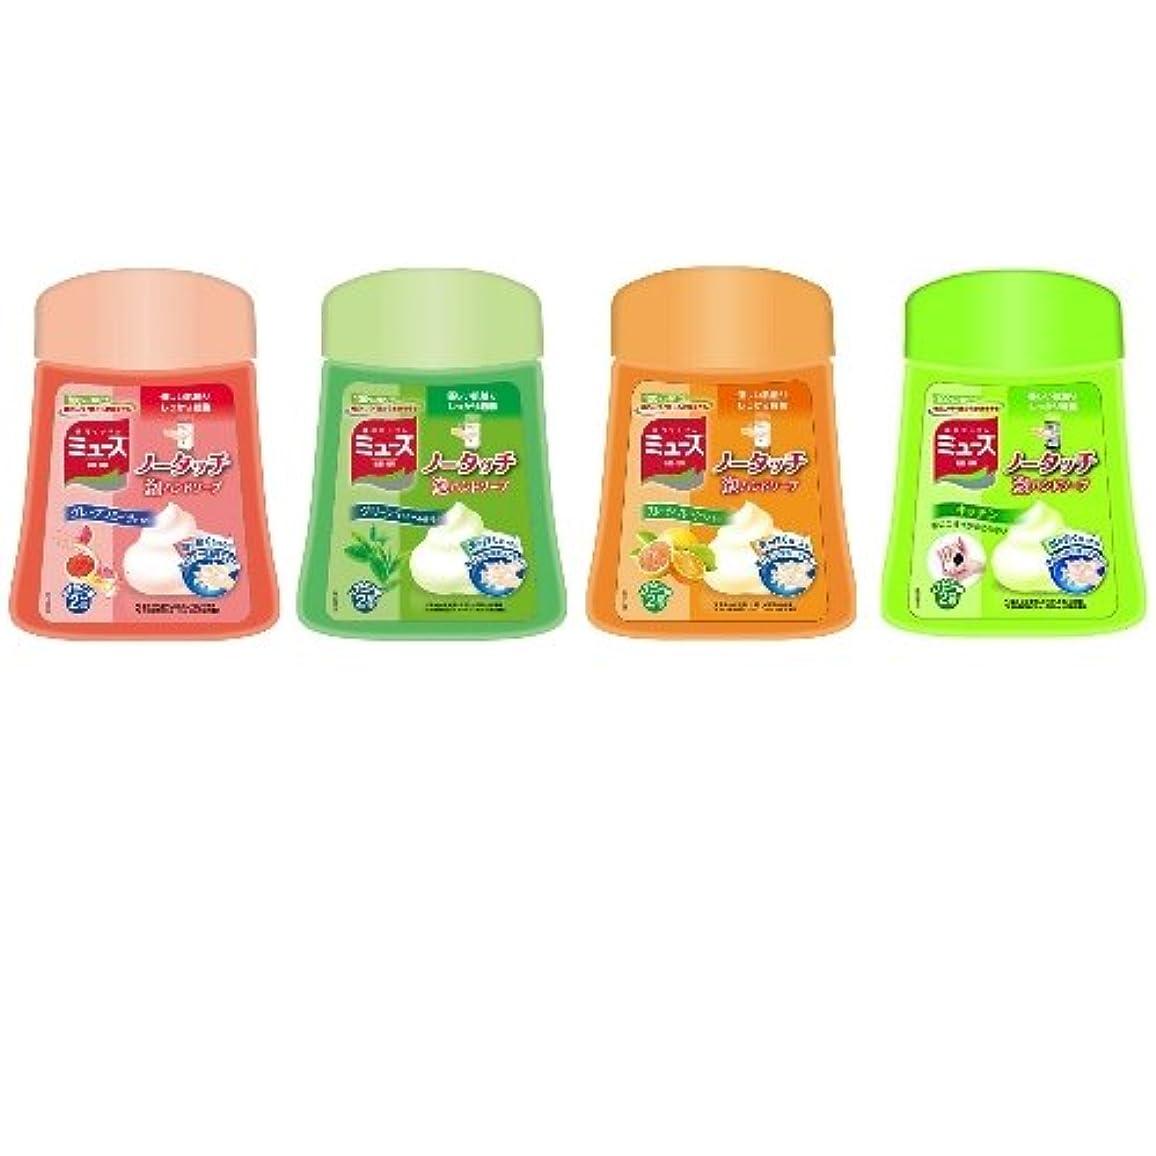 内陸在庫誤ミューズ ノータッチ 泡ハンドソープ 詰替え 4種の色と香りボトル 250ml×4個 薬用ハンドソープ 手洗い 殺菌 消毒